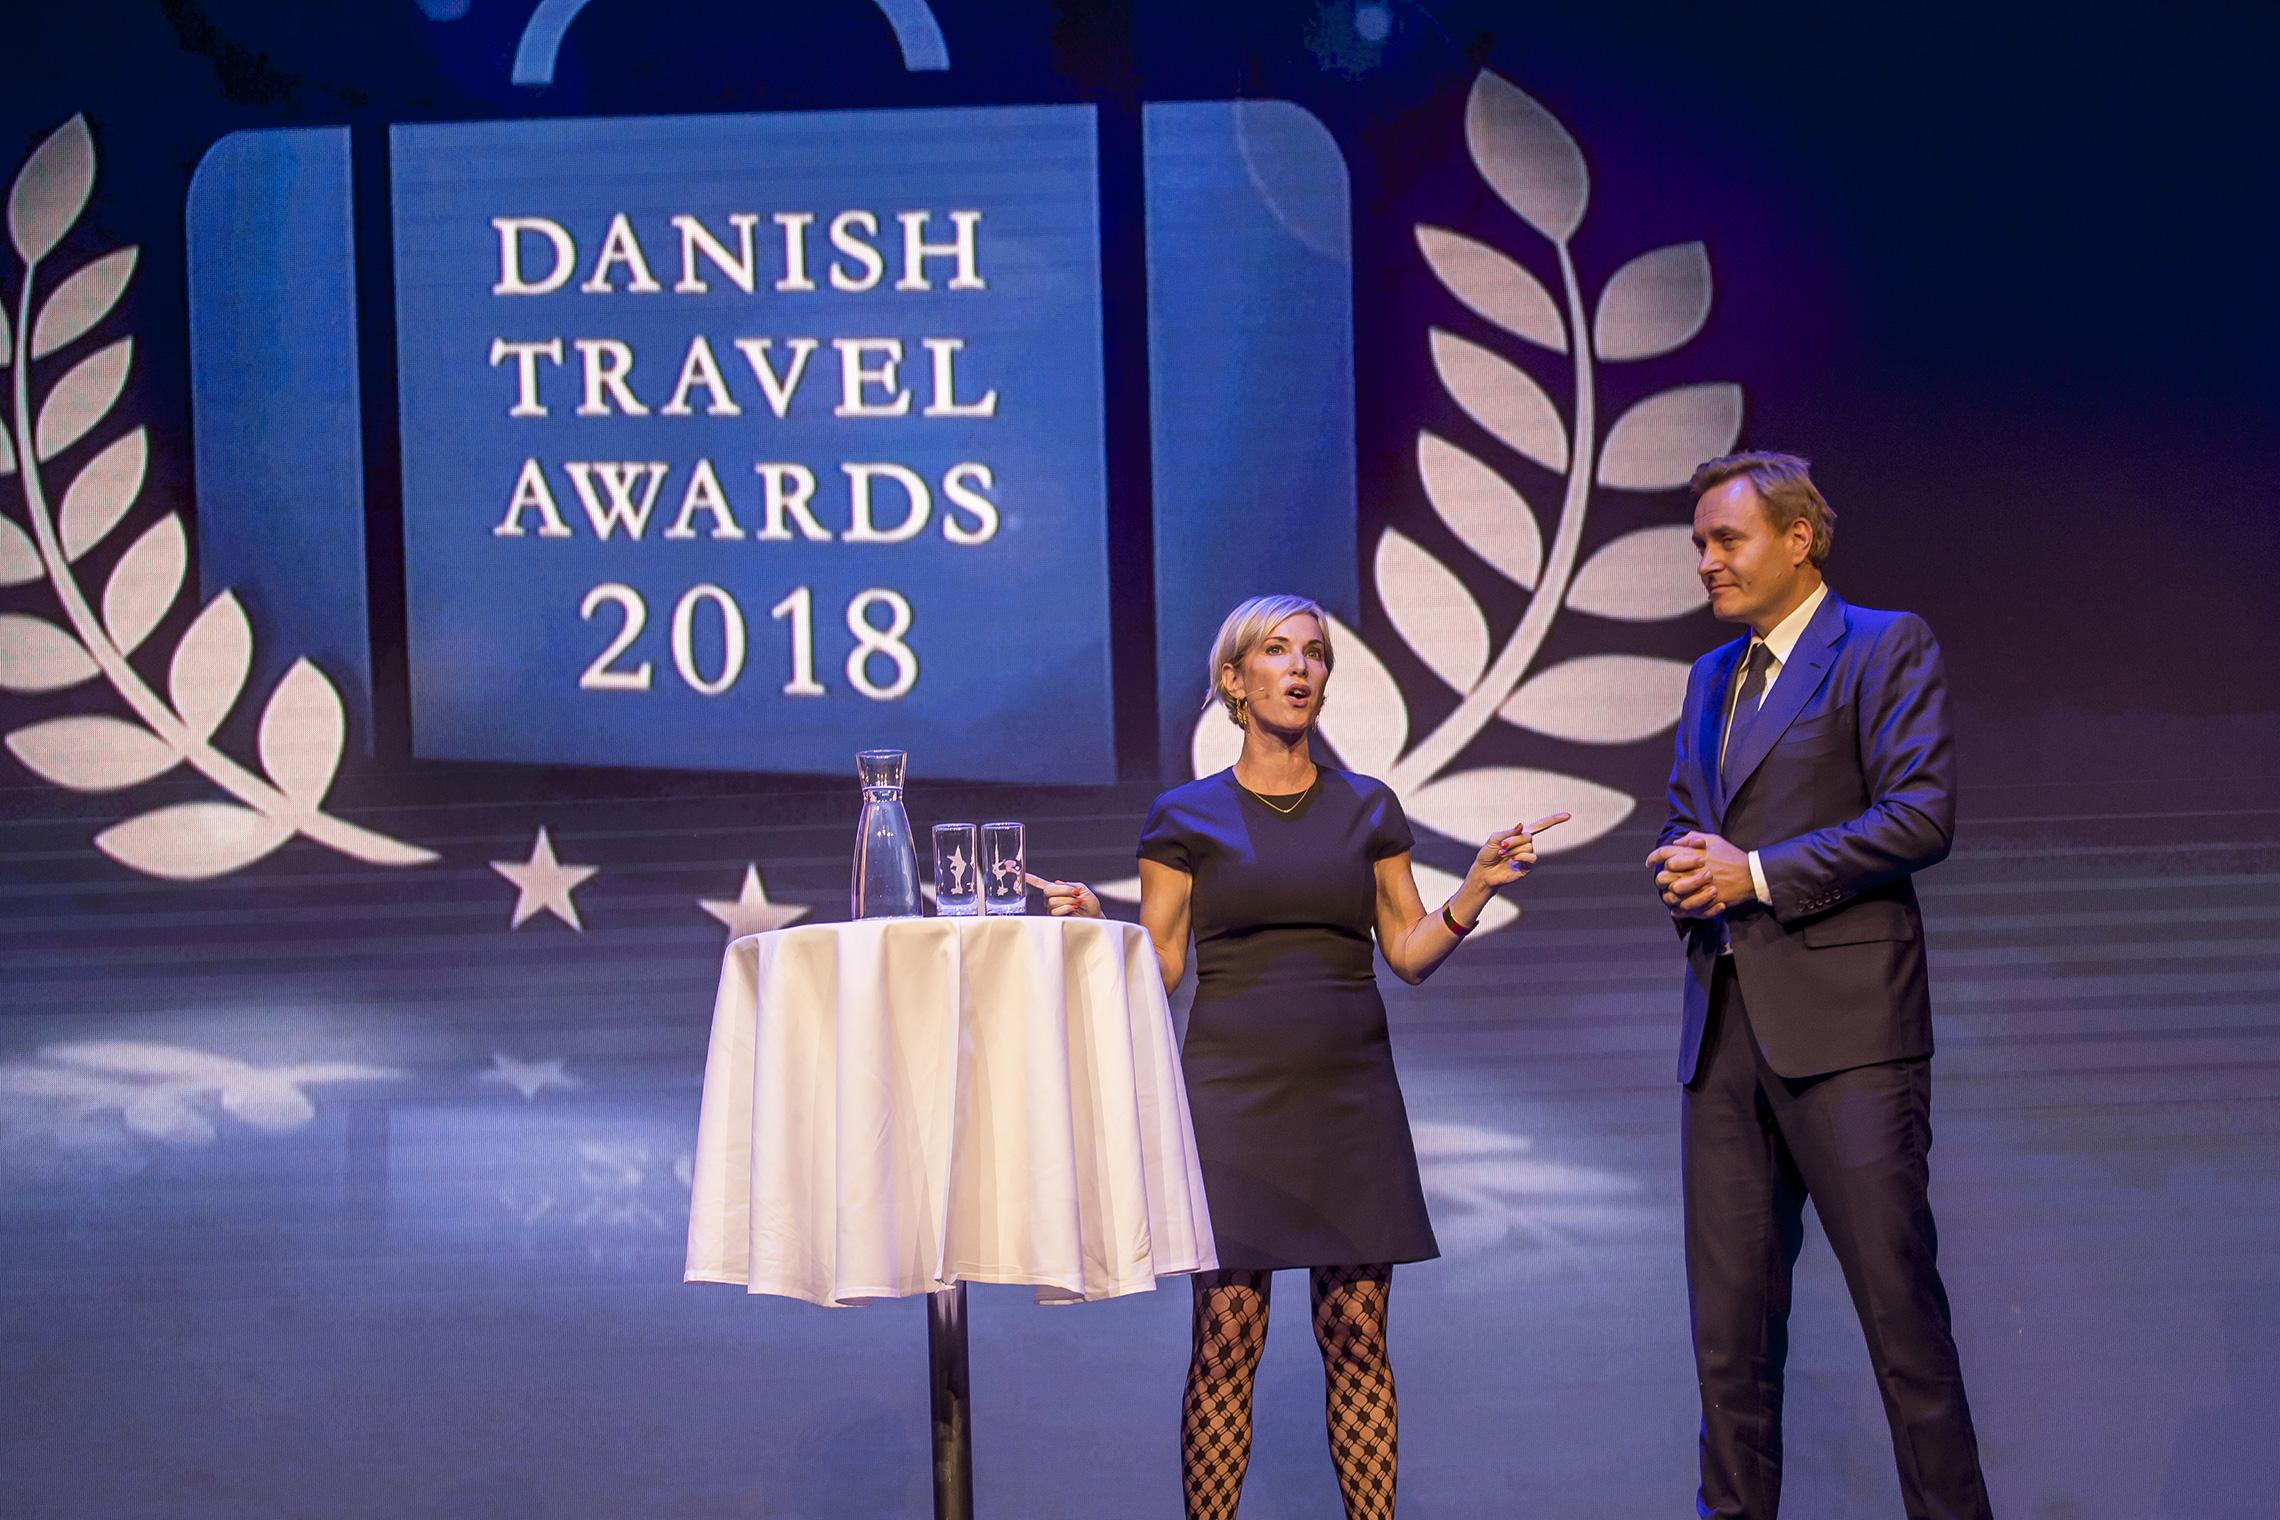 Danish Travel Awards 2018